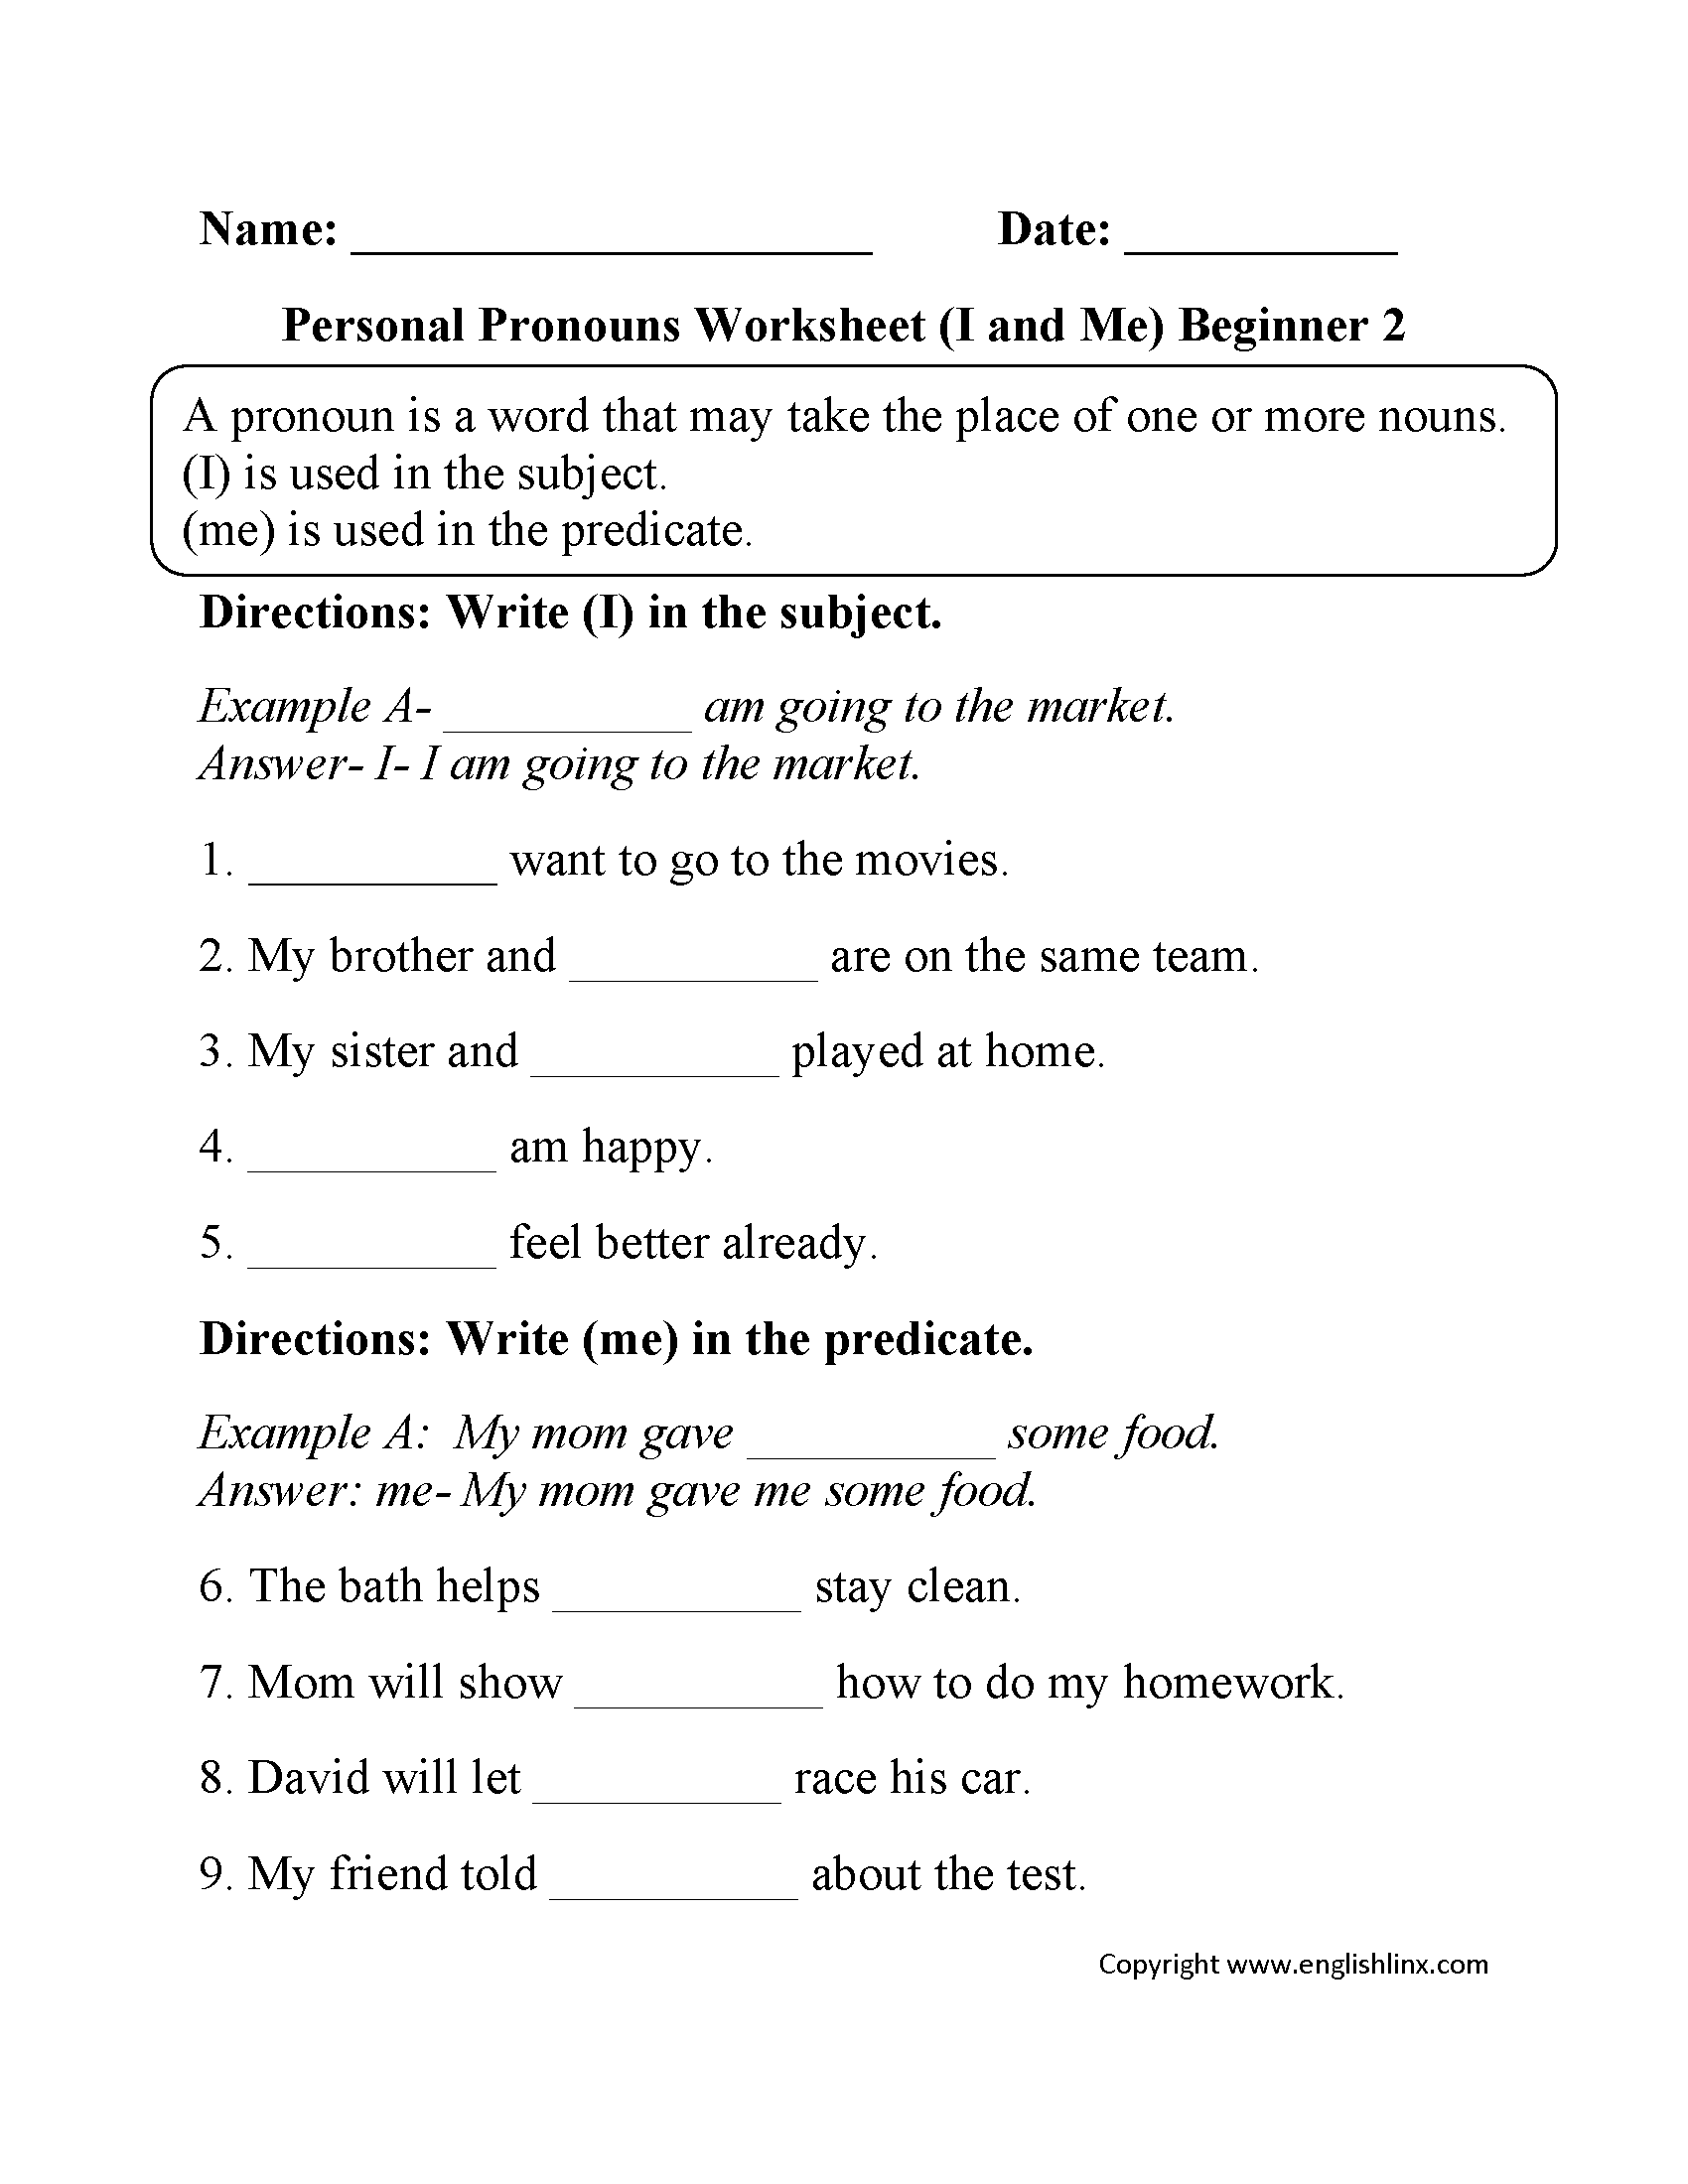 hight resolution of https://cute766.info/grade-4-english-grammar-pronouns-part-1-15-sept/